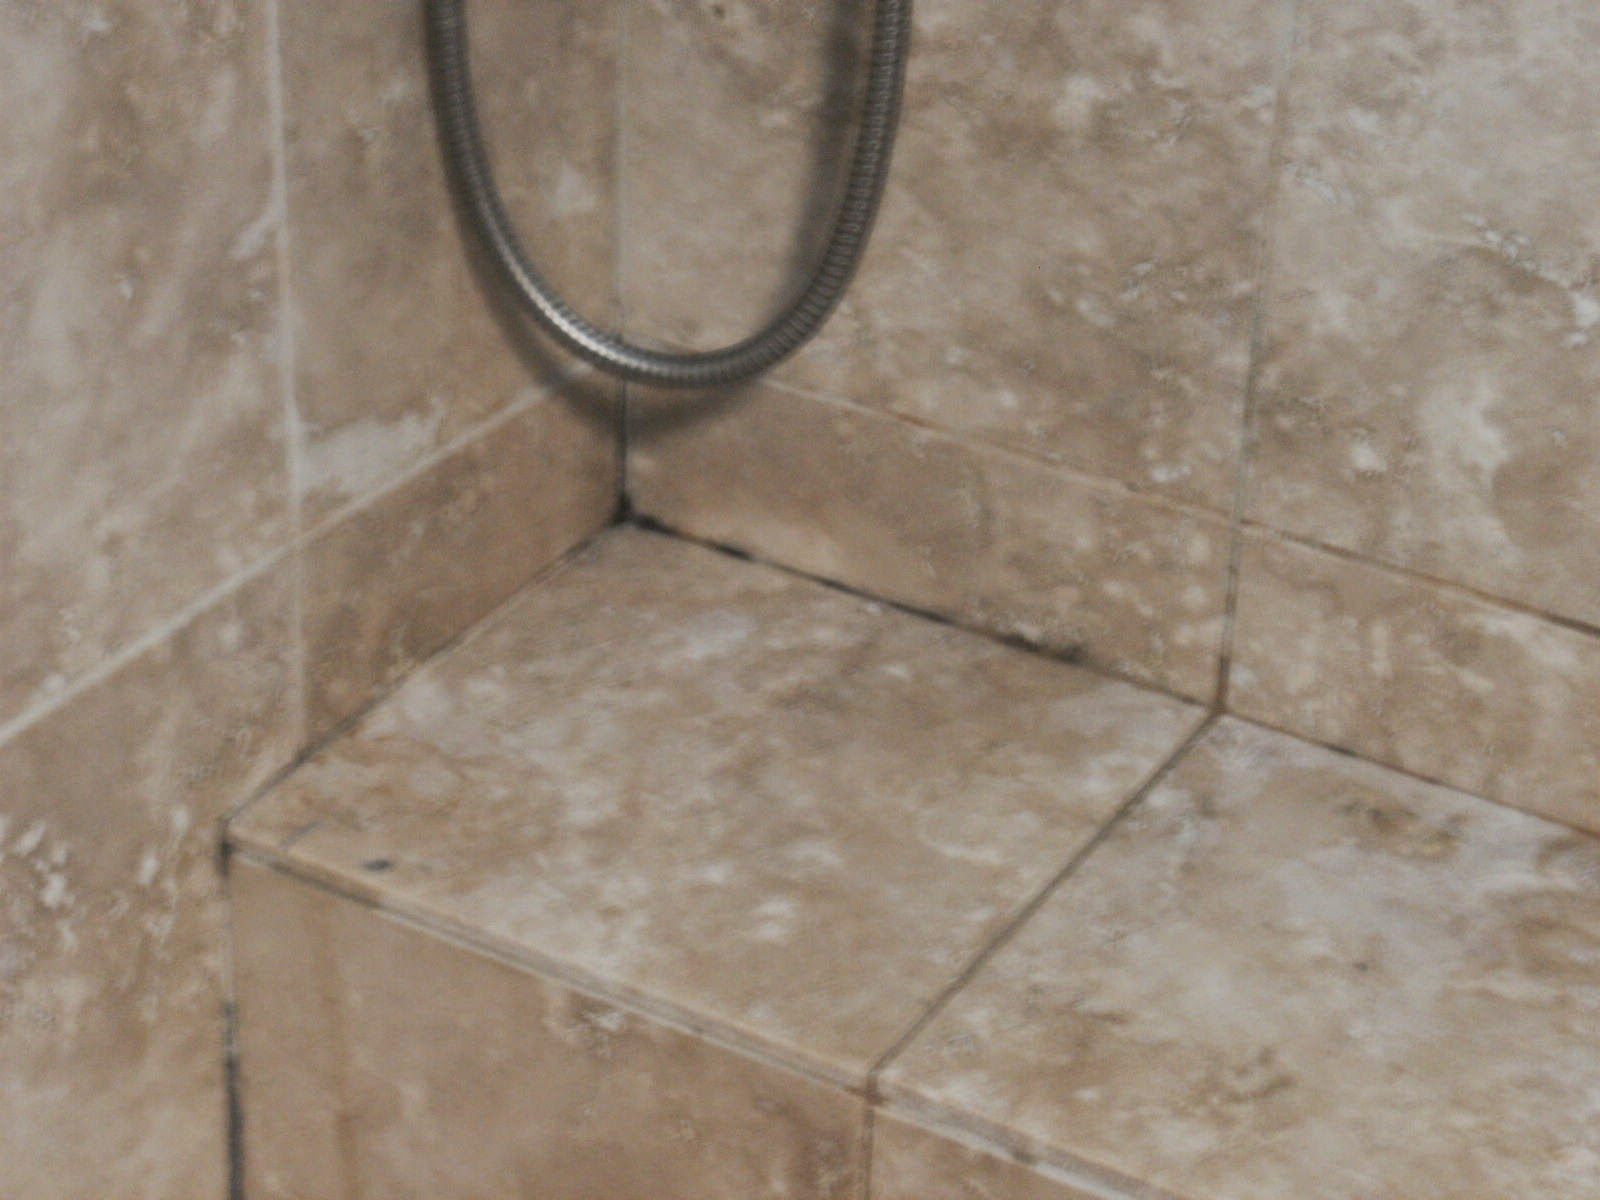 Do Travertine Tiles Need Sealing